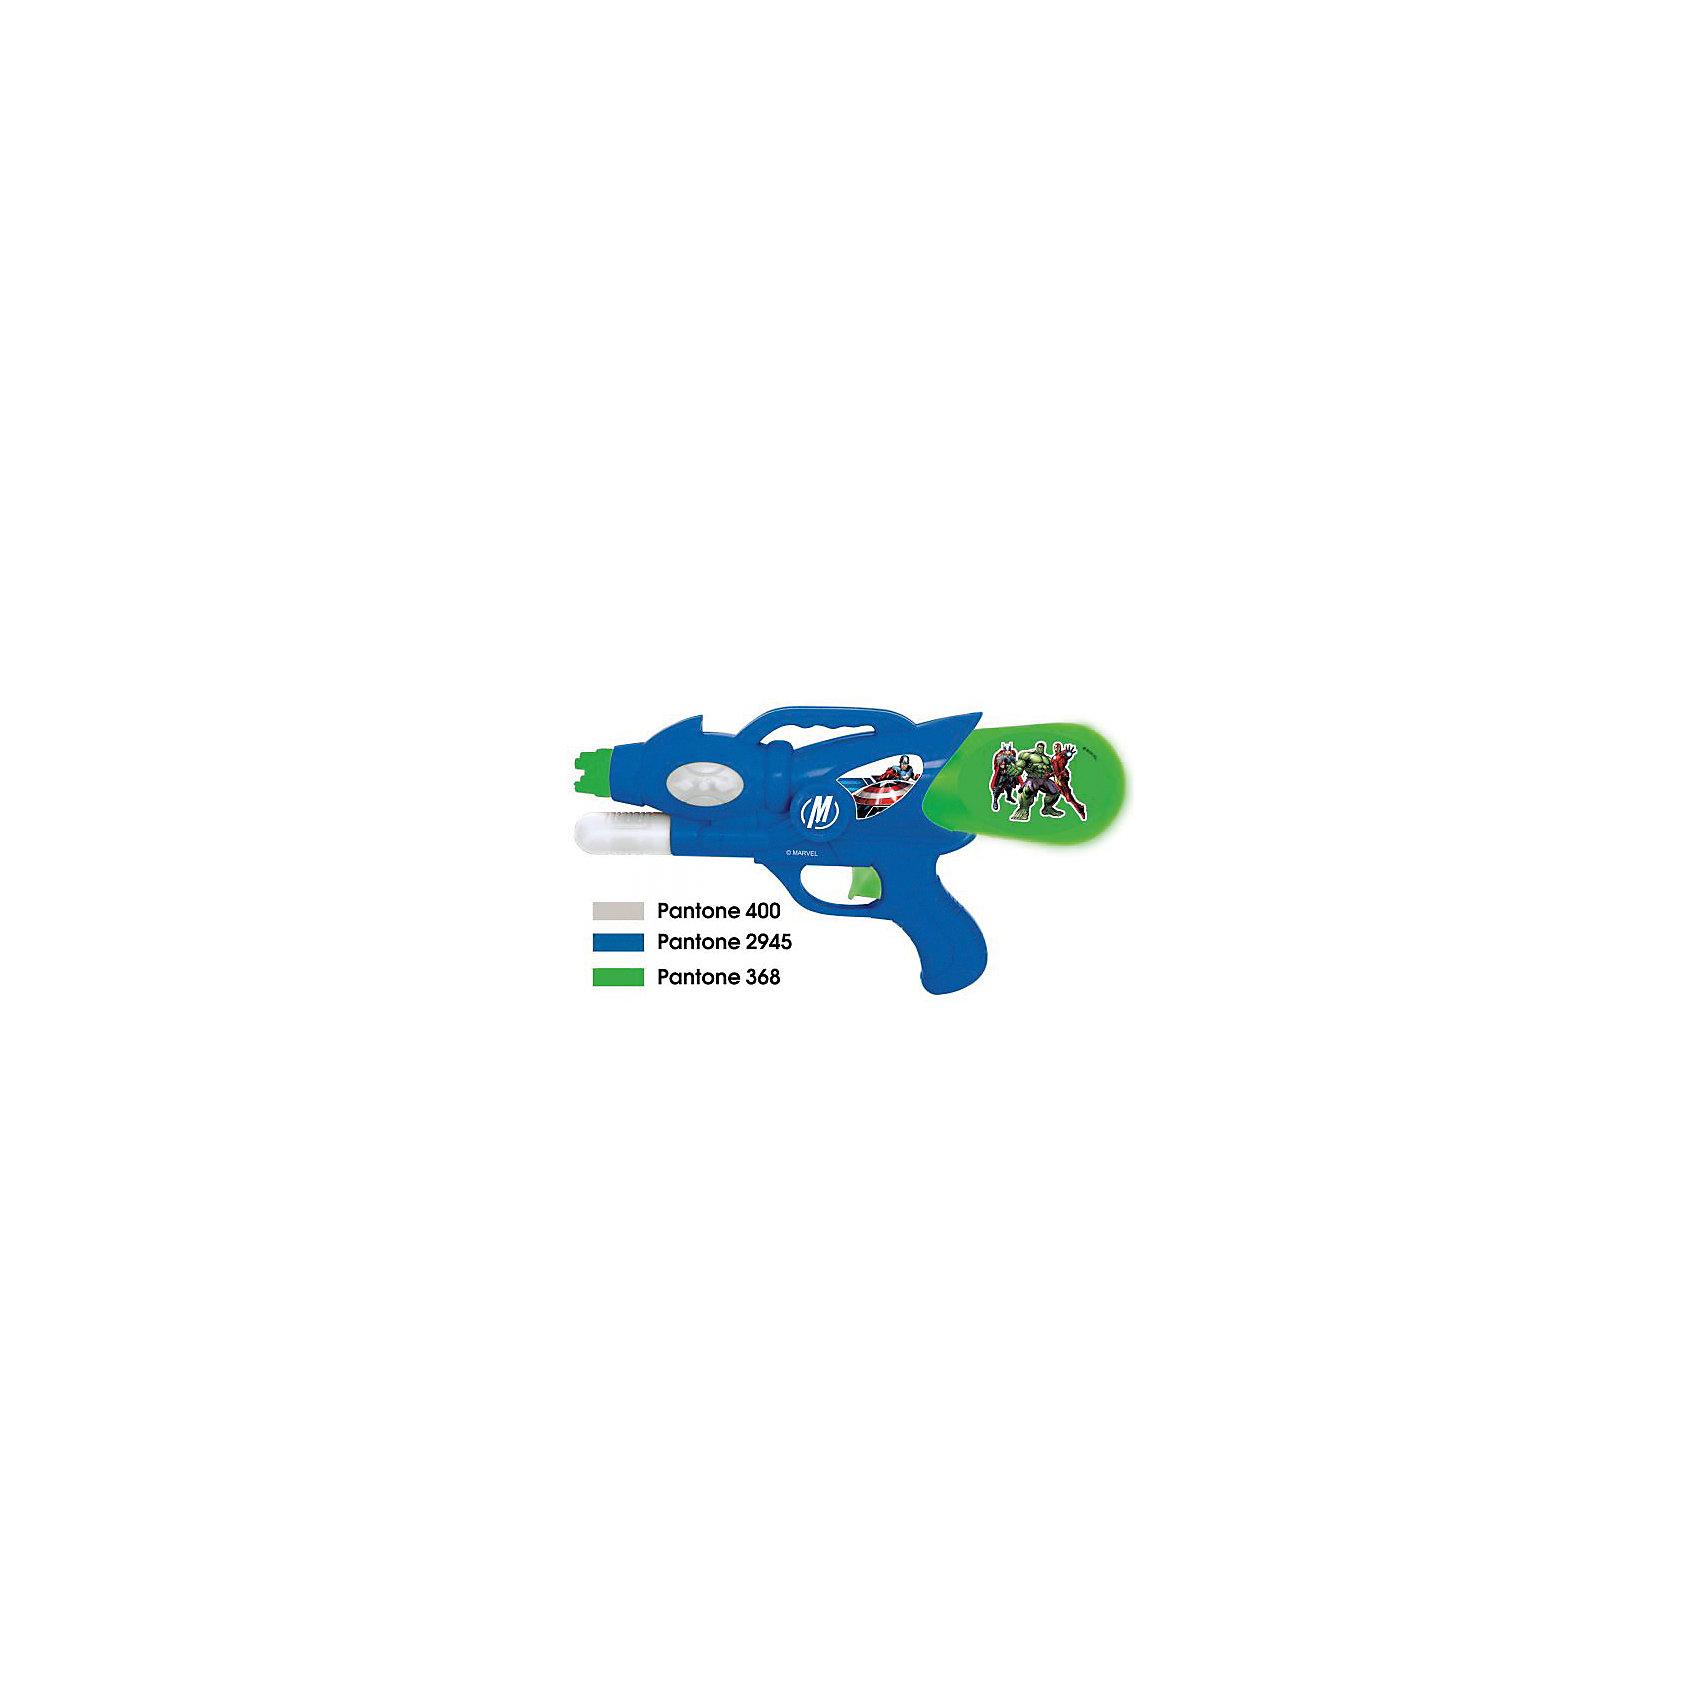 Водный пистолет , 31 см, МстителиВодный пистолет - идеальный вариант для подвижных игр жарким летом! Мальчишки обожают бегать и устраивать водные перестрелки. Игрушка оформлена изображением героев мультсериала Мстители. Корпус пистолета выполнен из прочного экологичного пластика безопасного для детей. <br><br>Дополнительная информация:<br><br>- Материал: пластик.<br>- Размер: 31 см.<br>- Объем: 115 мл.<br>- Цвет: синий, зеленый.<br><br>Водный пистолет , 31 см, Мстители (Avengers), можно купить в нашем магазине.<br><br>Ширина мм: 640<br>Глубина мм: 340<br>Высота мм: 530<br>Вес г: 240<br>Возраст от месяцев: 36<br>Возраст до месяцев: 120<br>Пол: Мужской<br>Возраст: Детский<br>SKU: 4616819